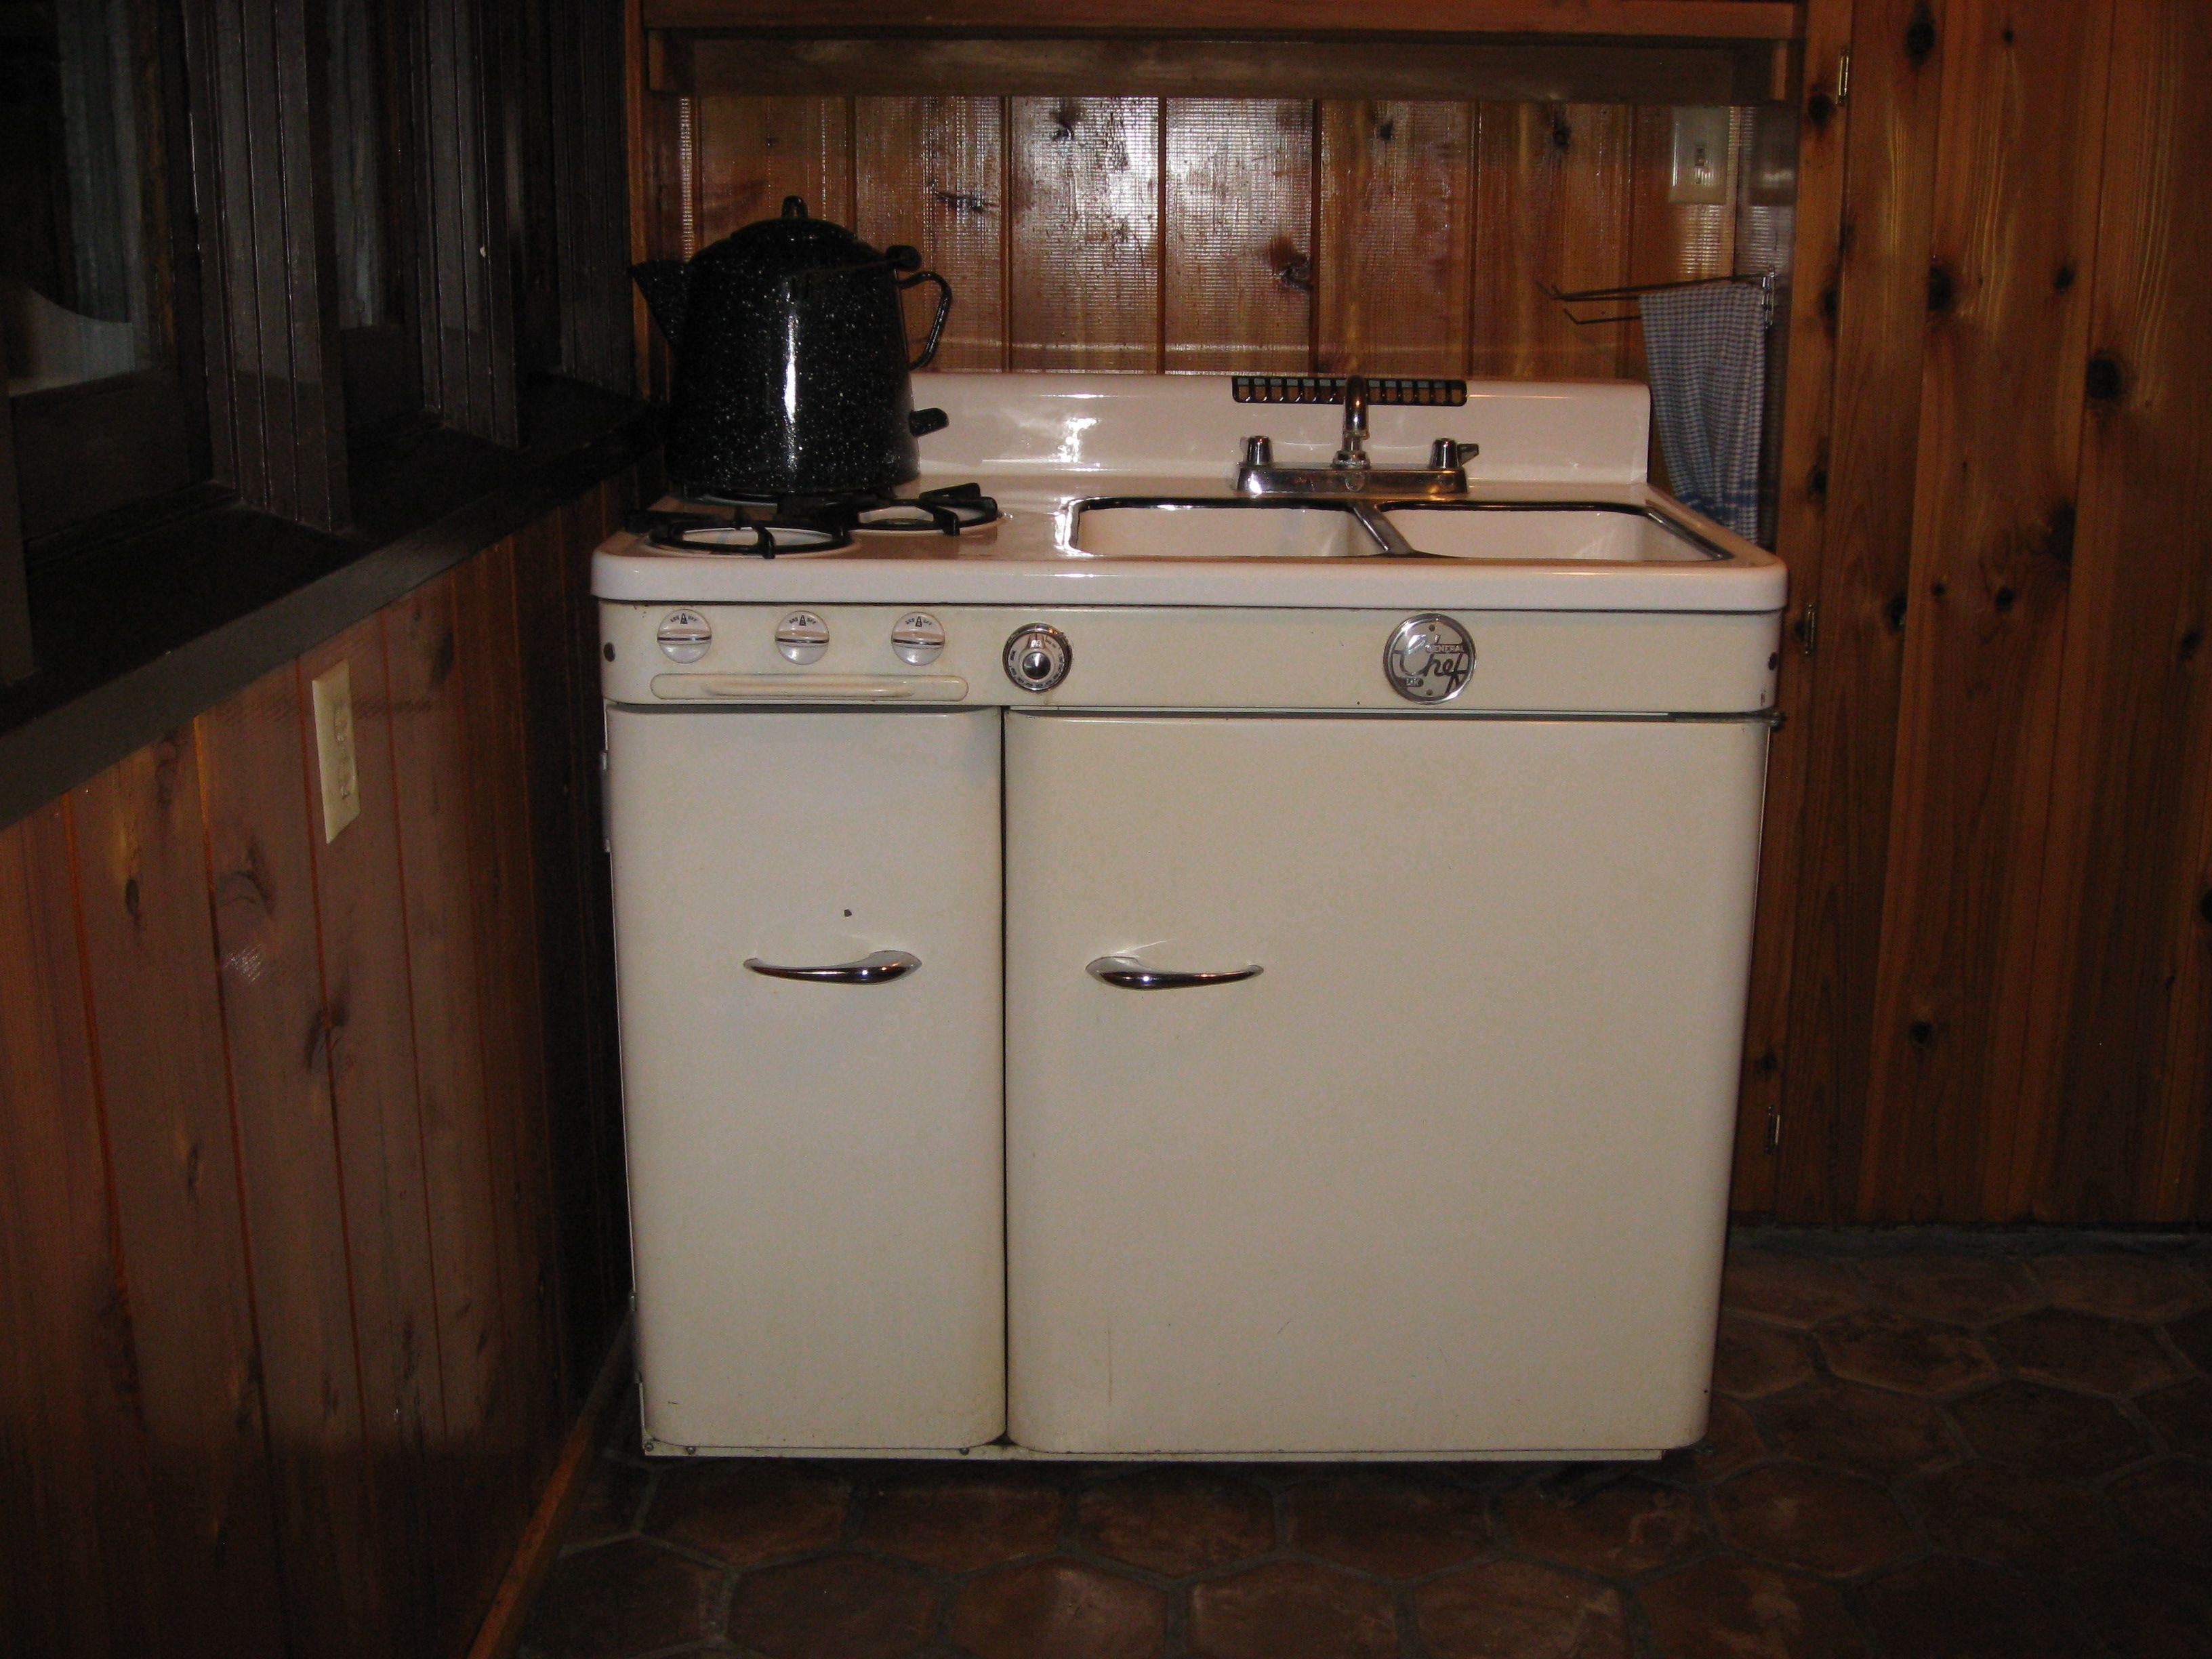 Vintage Stove Sink Refrigerator Combo Vintage Stoves Pinterest Kitchen Vintage Kitchen